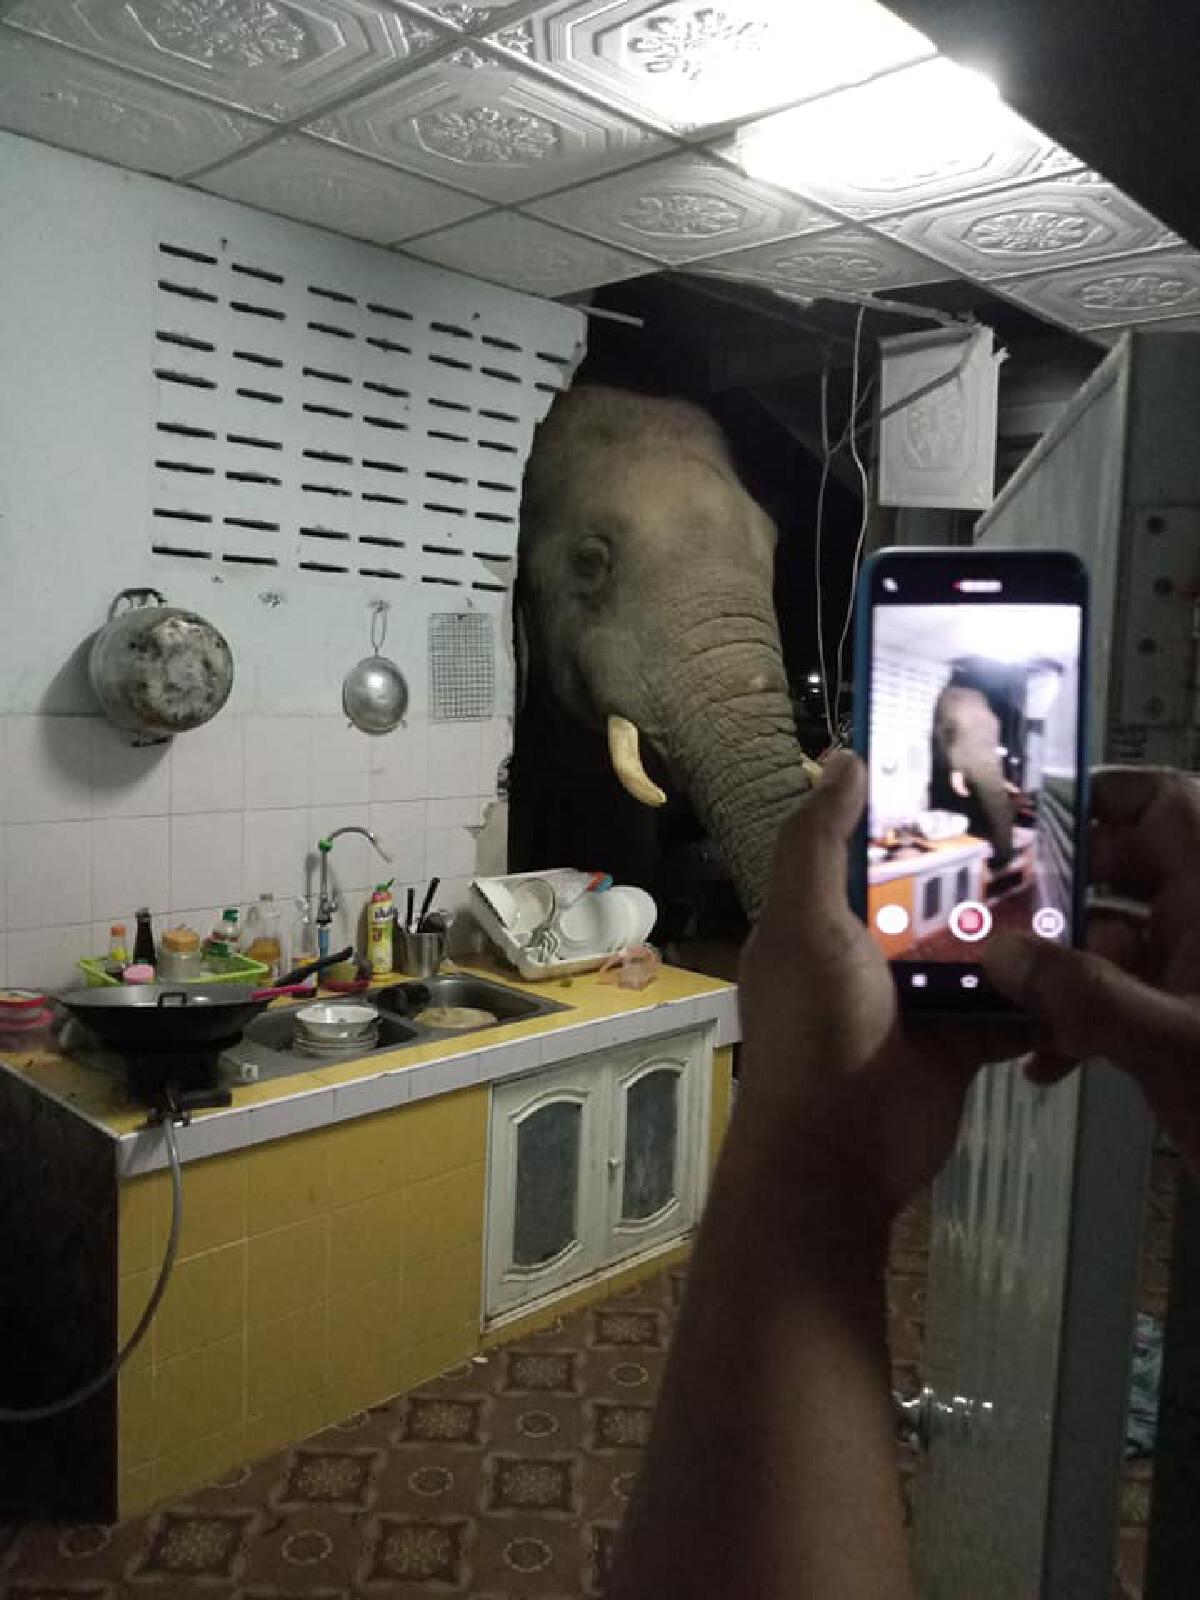 ช้างป่าหิวกลางดึก บุกบ้านโผล่เข้าไปในห้องครัวหาของกิน